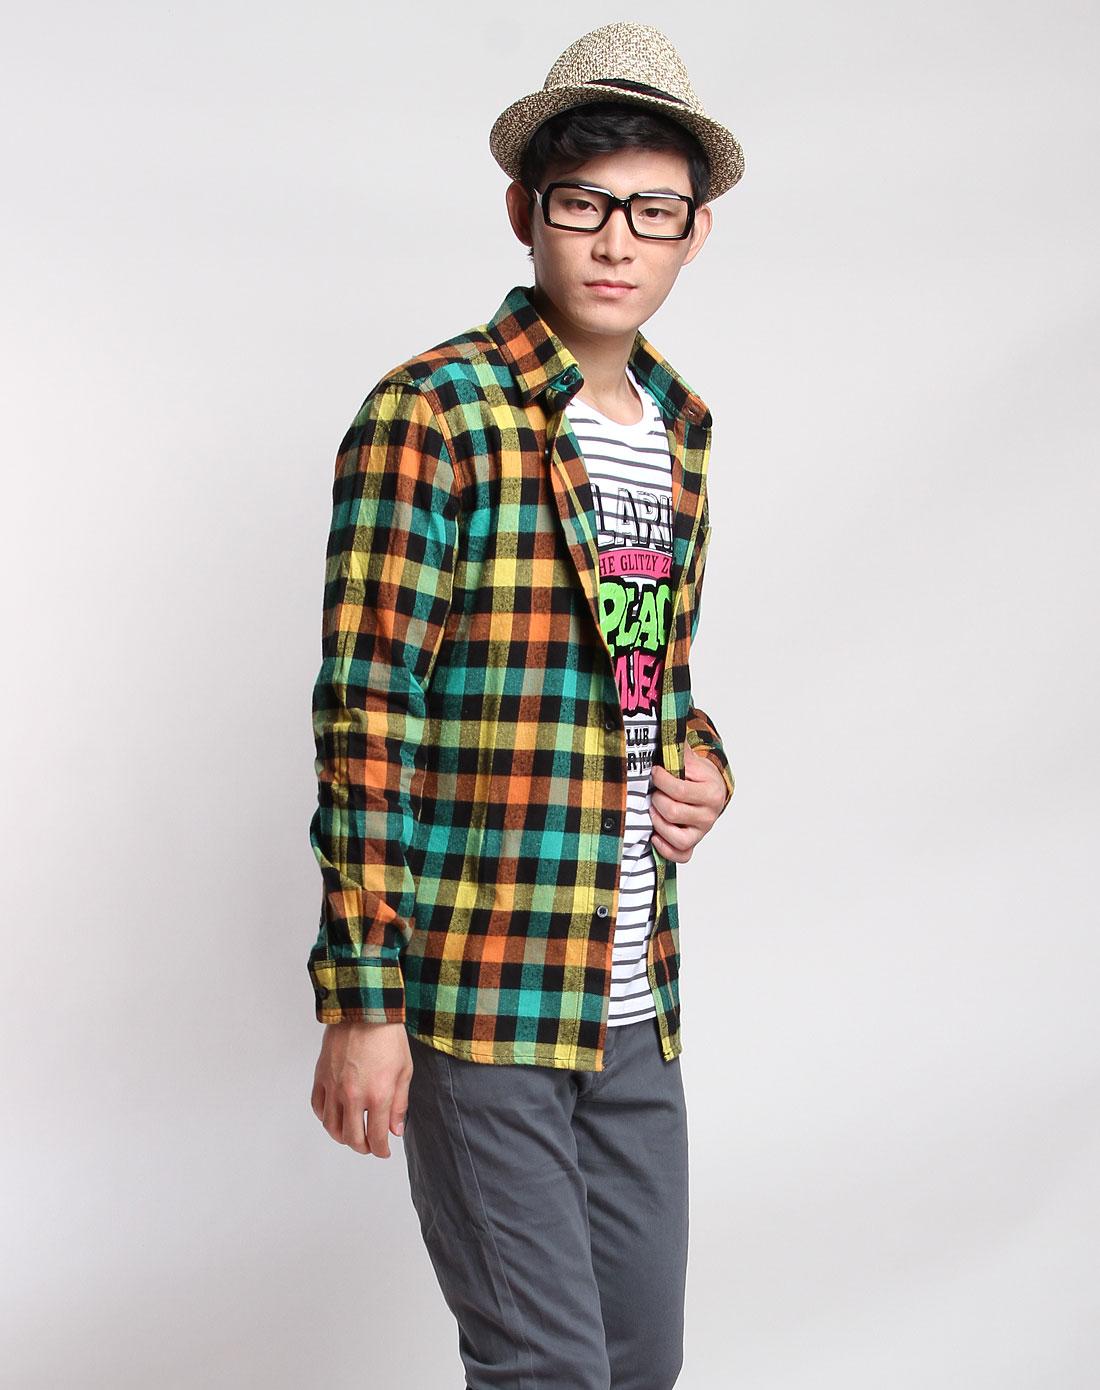 森马男装专场-黑黄绿色格子时尚长袖衬衫图片